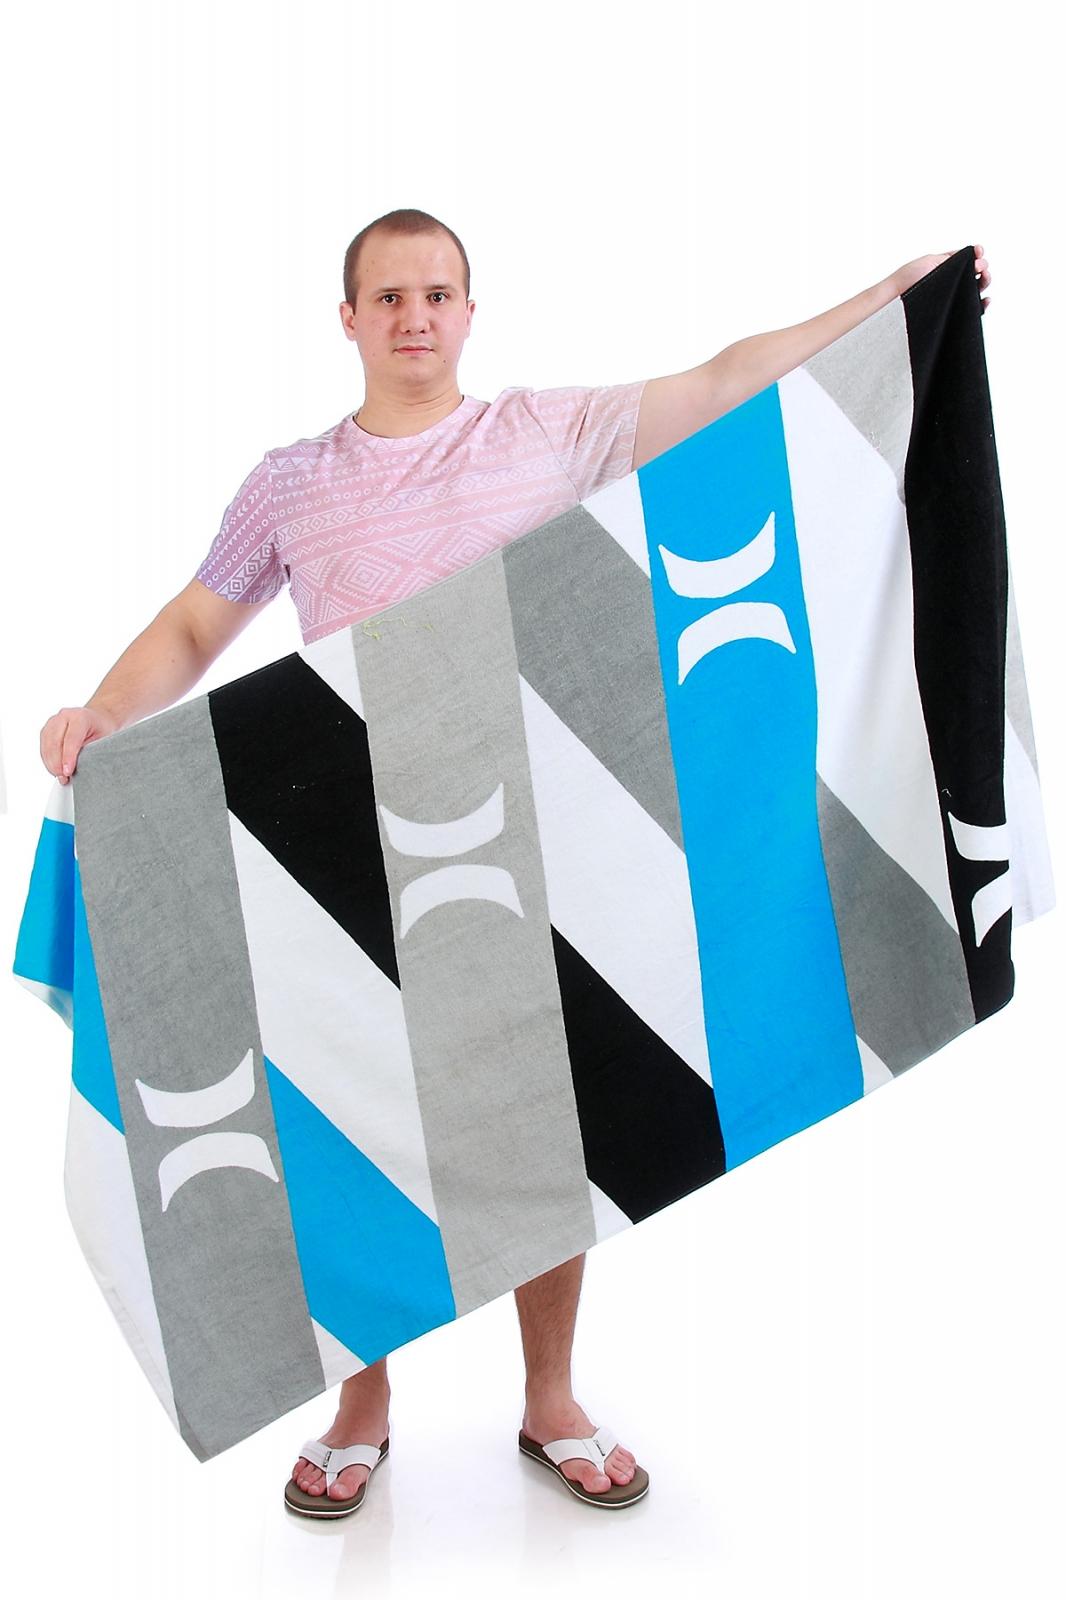 Пляжное полотенце в полоску - купить онлайн в интернет-магазине